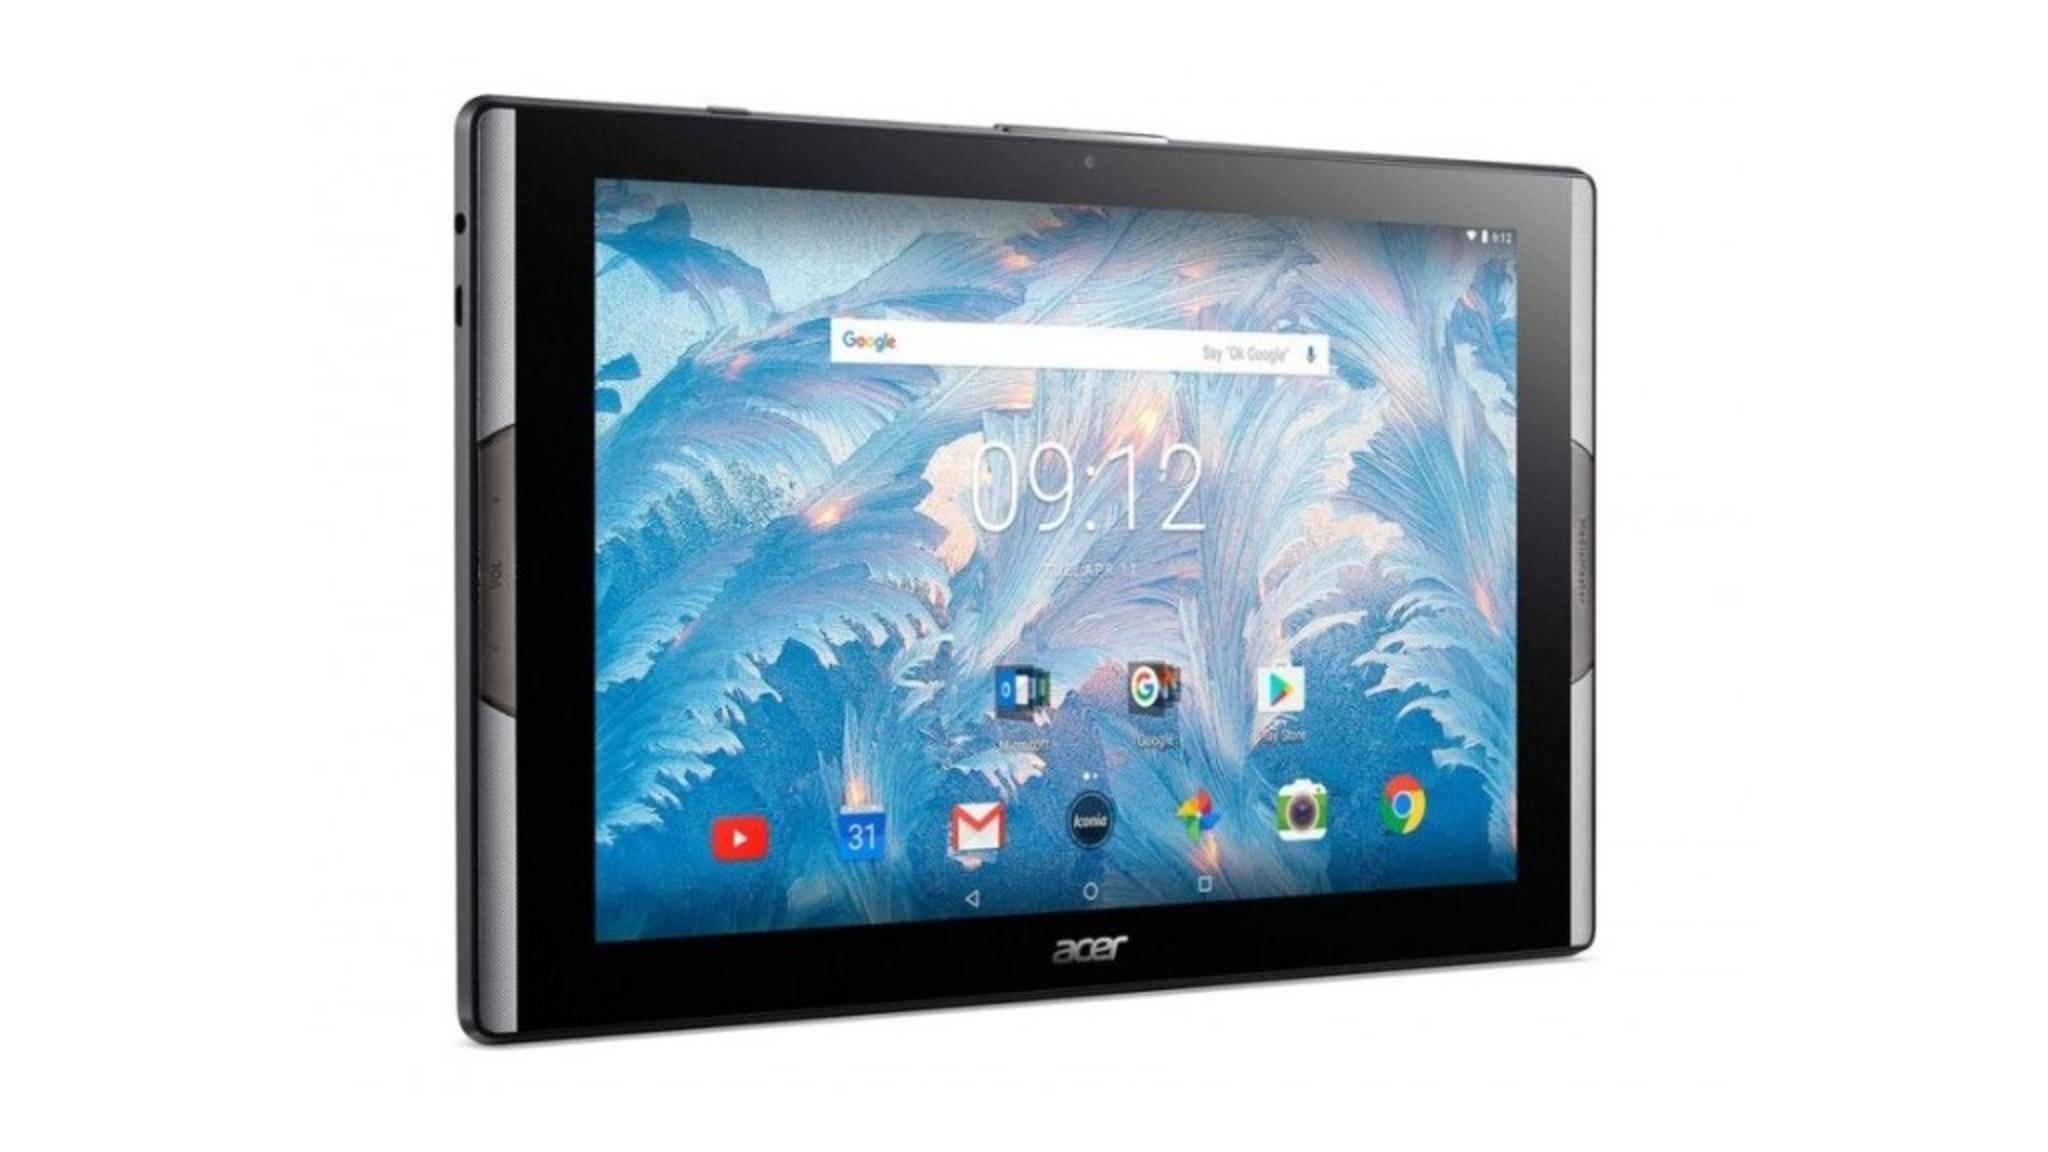 Das neue Acer Iconia Tab 10 gehört zu den ersten Quantum-Dot-Tablets.